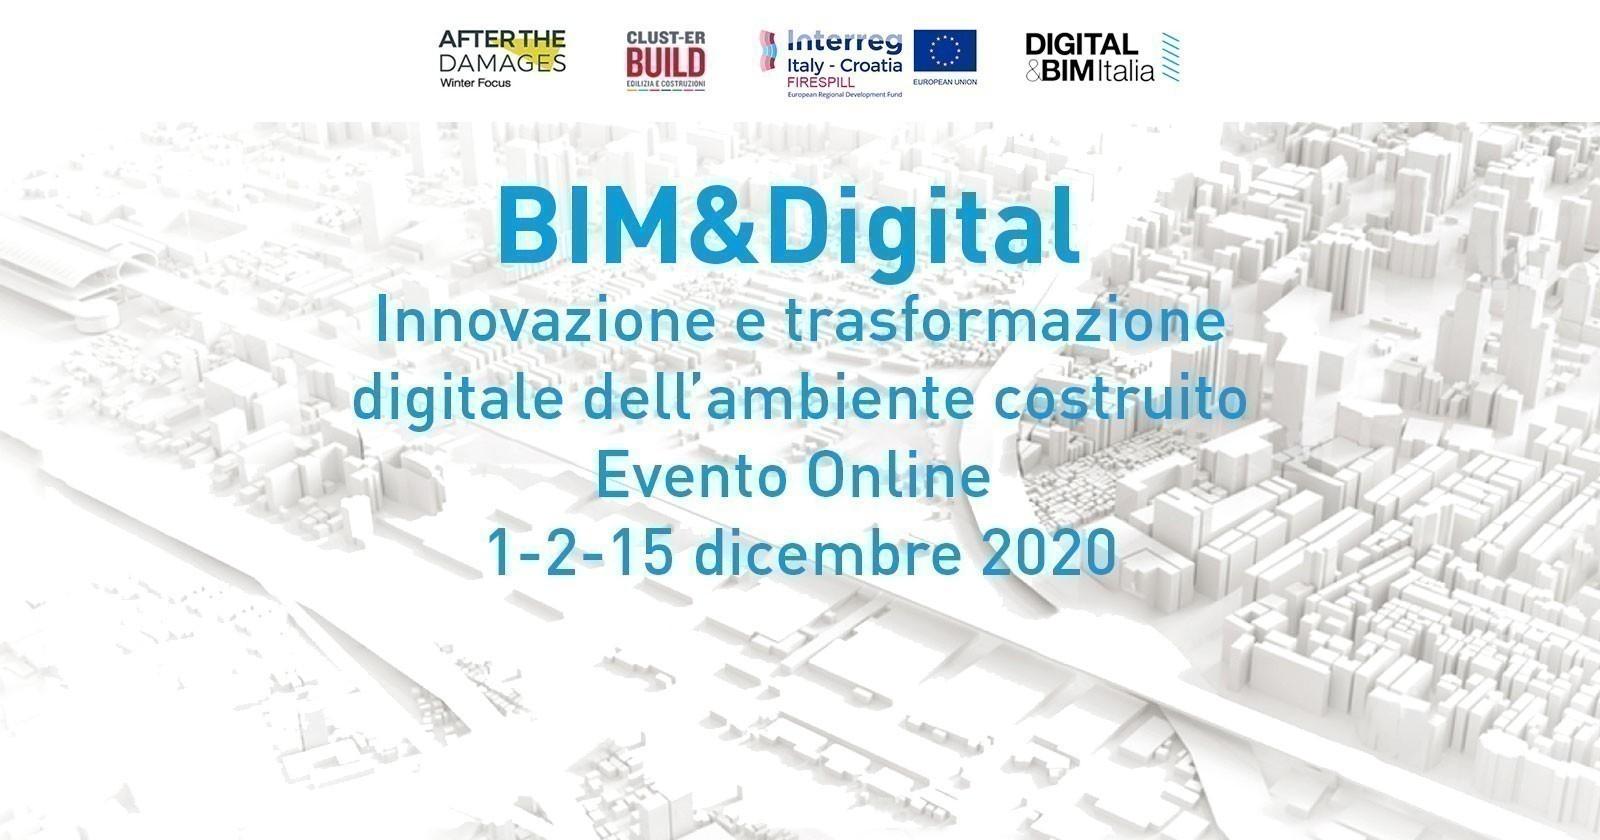 BIM&Digital - Innovazione e trasformazione digitale dell'ambiente costruito